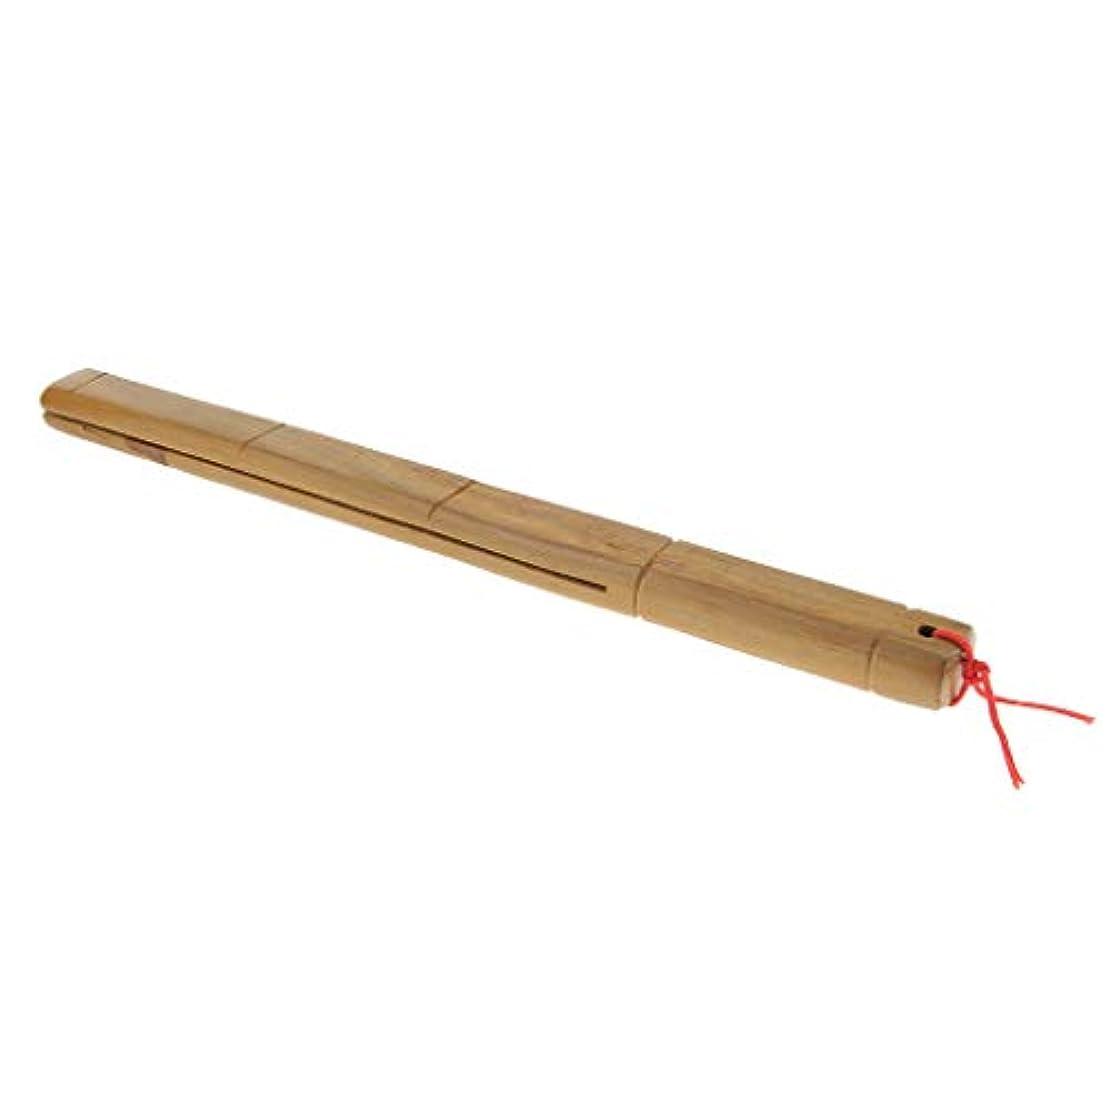 警戒光沢のある興味木製マッサージャー ロングハンドル フルボディー マッサージ